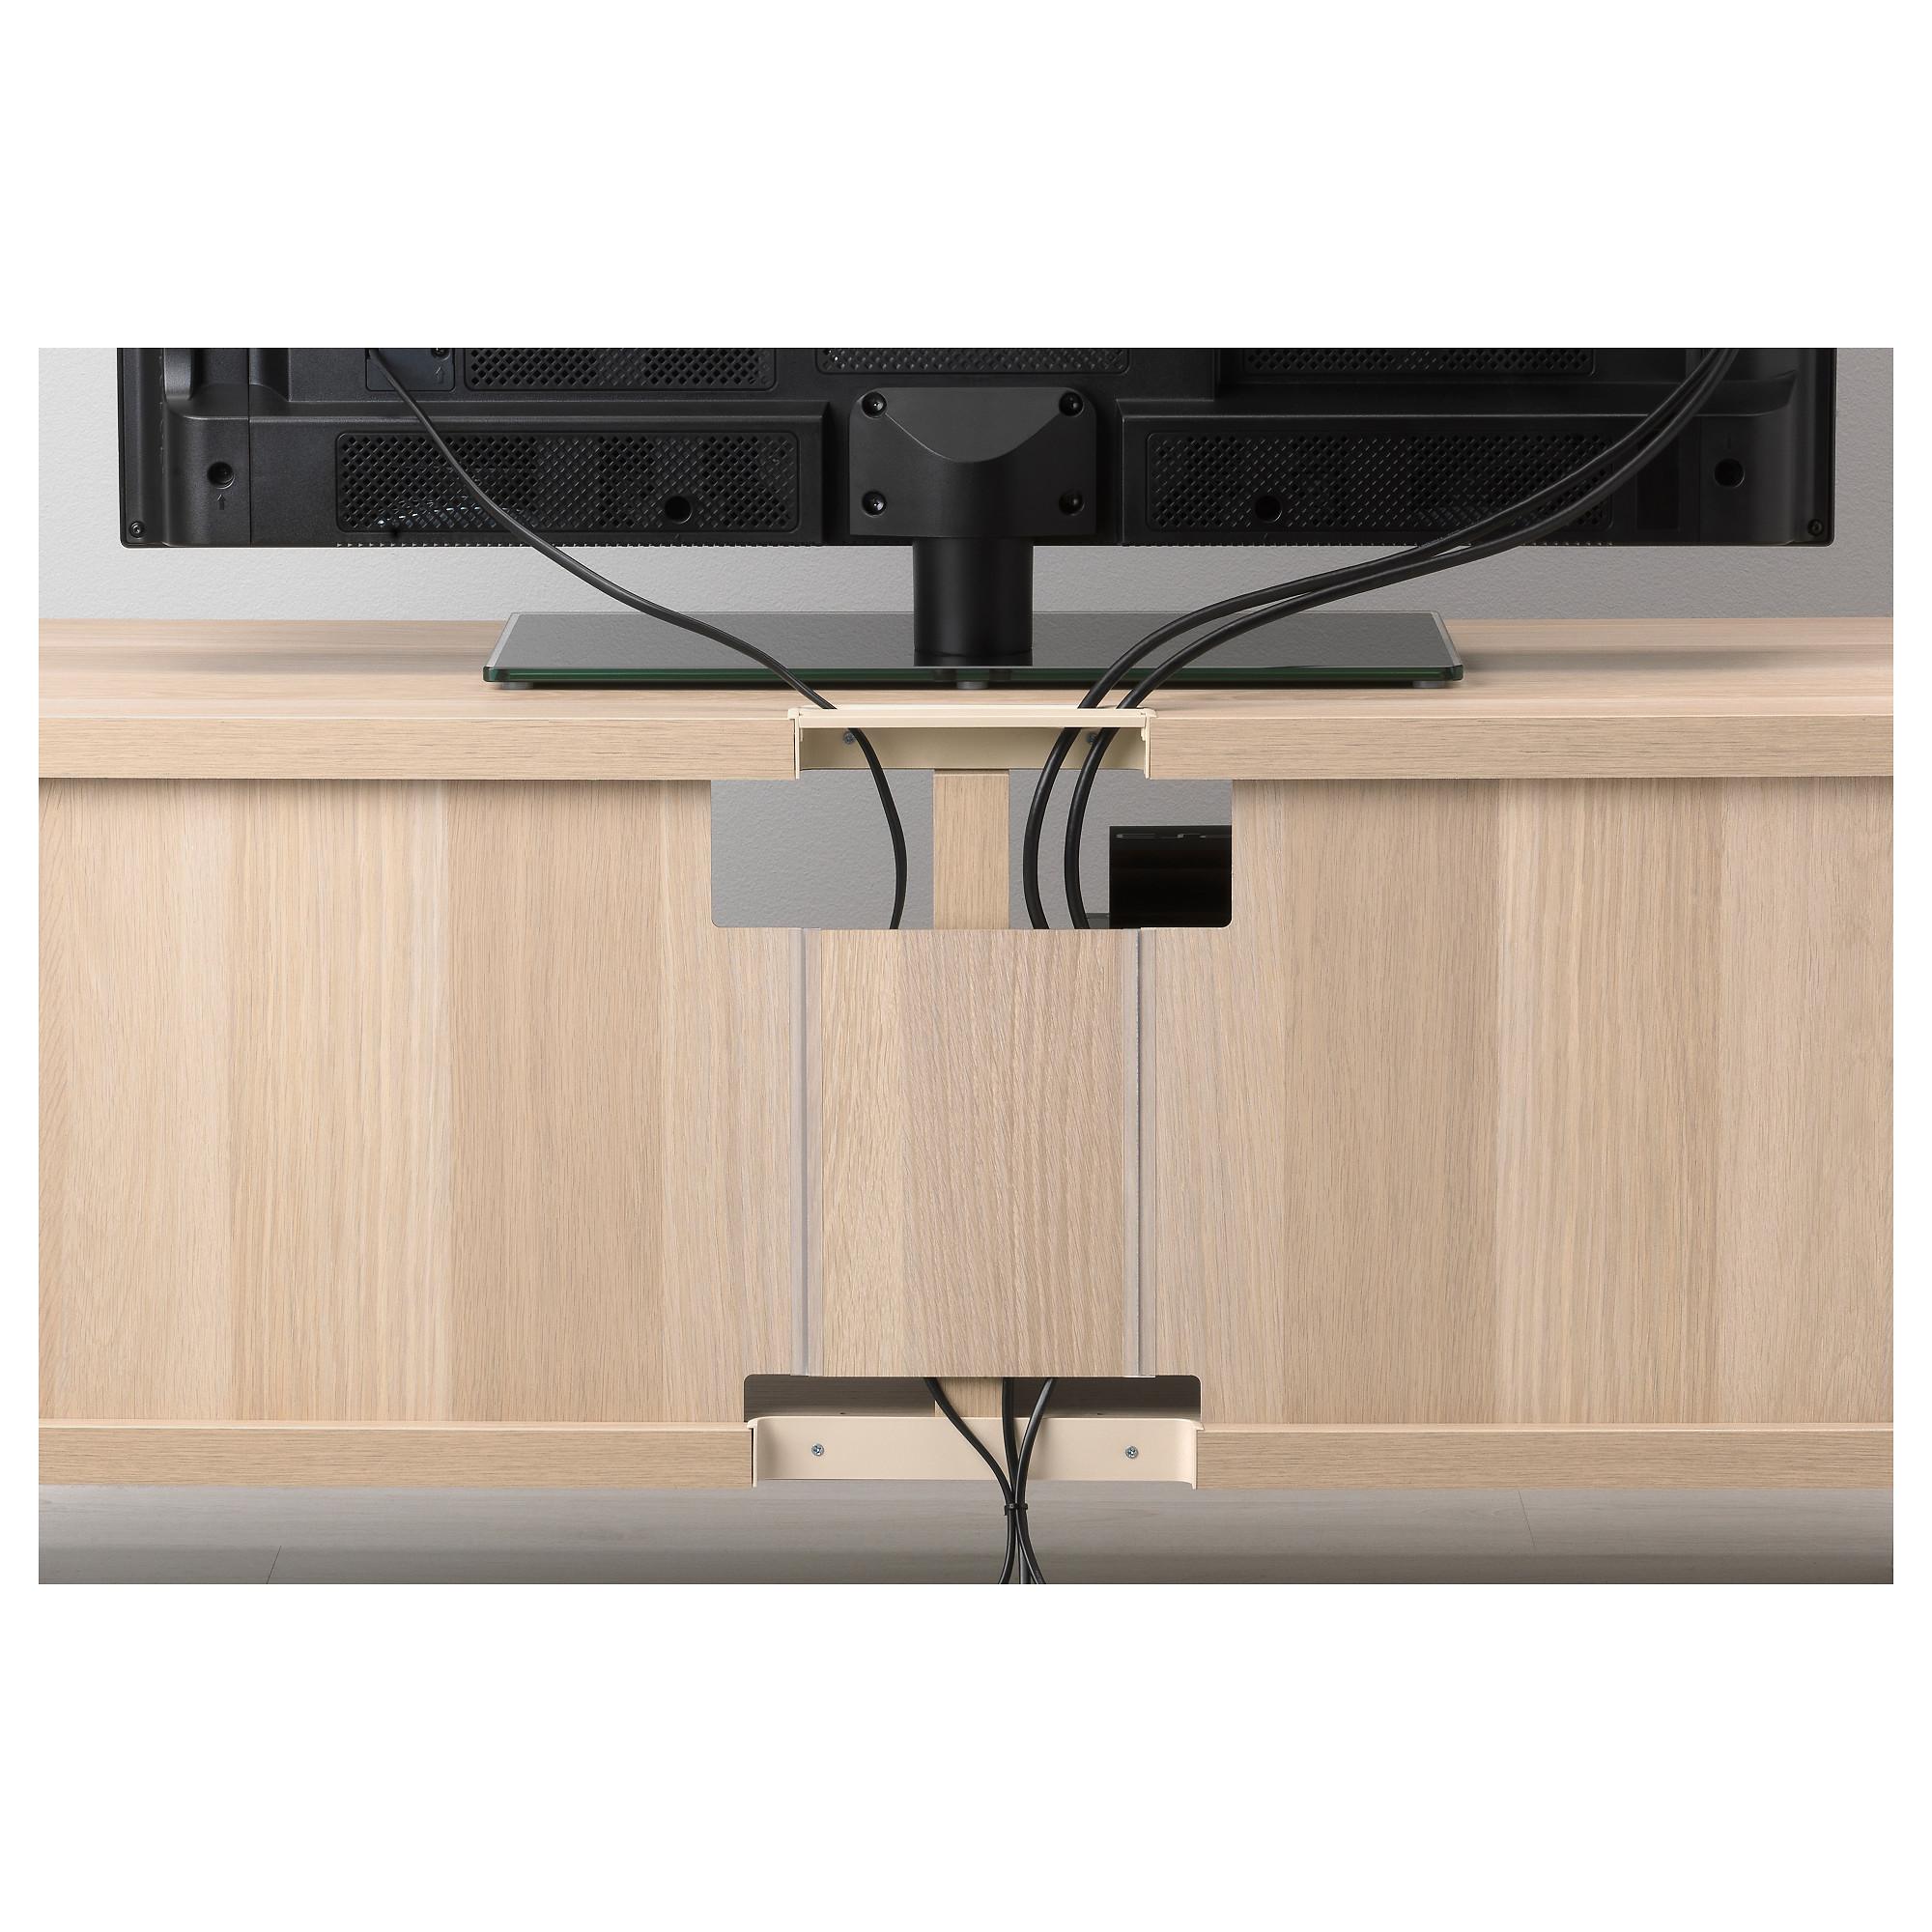 Шкаф для ТВ, комбинация БЕСТО сине-зеленый артикуль № 692.761.24 в наличии. Интернет каталог IKEA Беларусь. Быстрая доставка и установка.